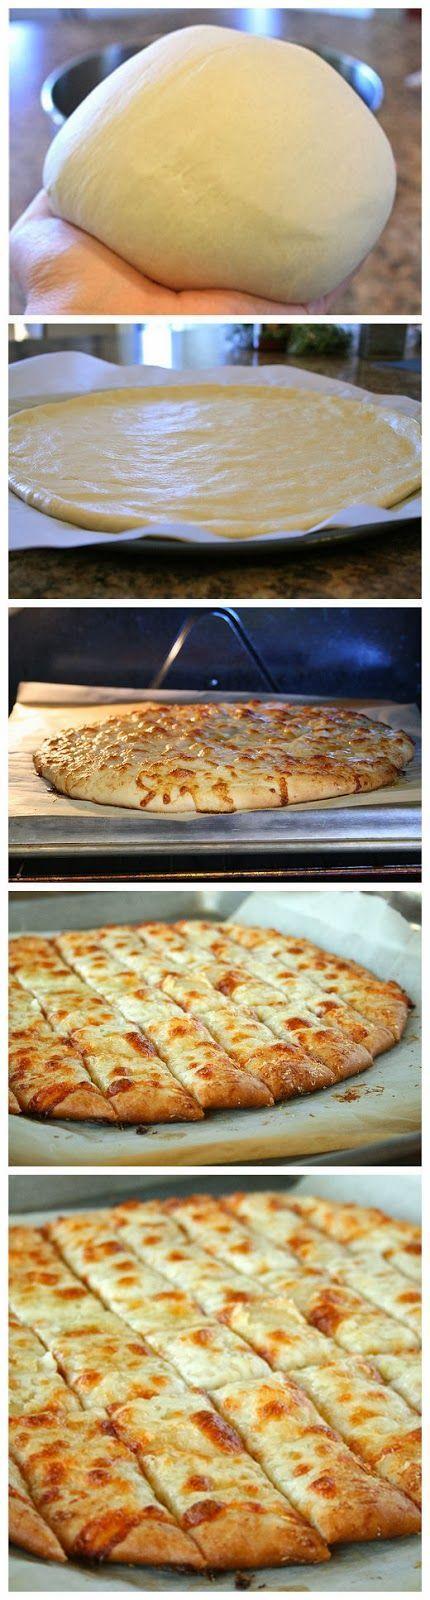 Fail-Proof Pizza Dough and Cheesy Garlic Bread Sticks - interiors-designed.com